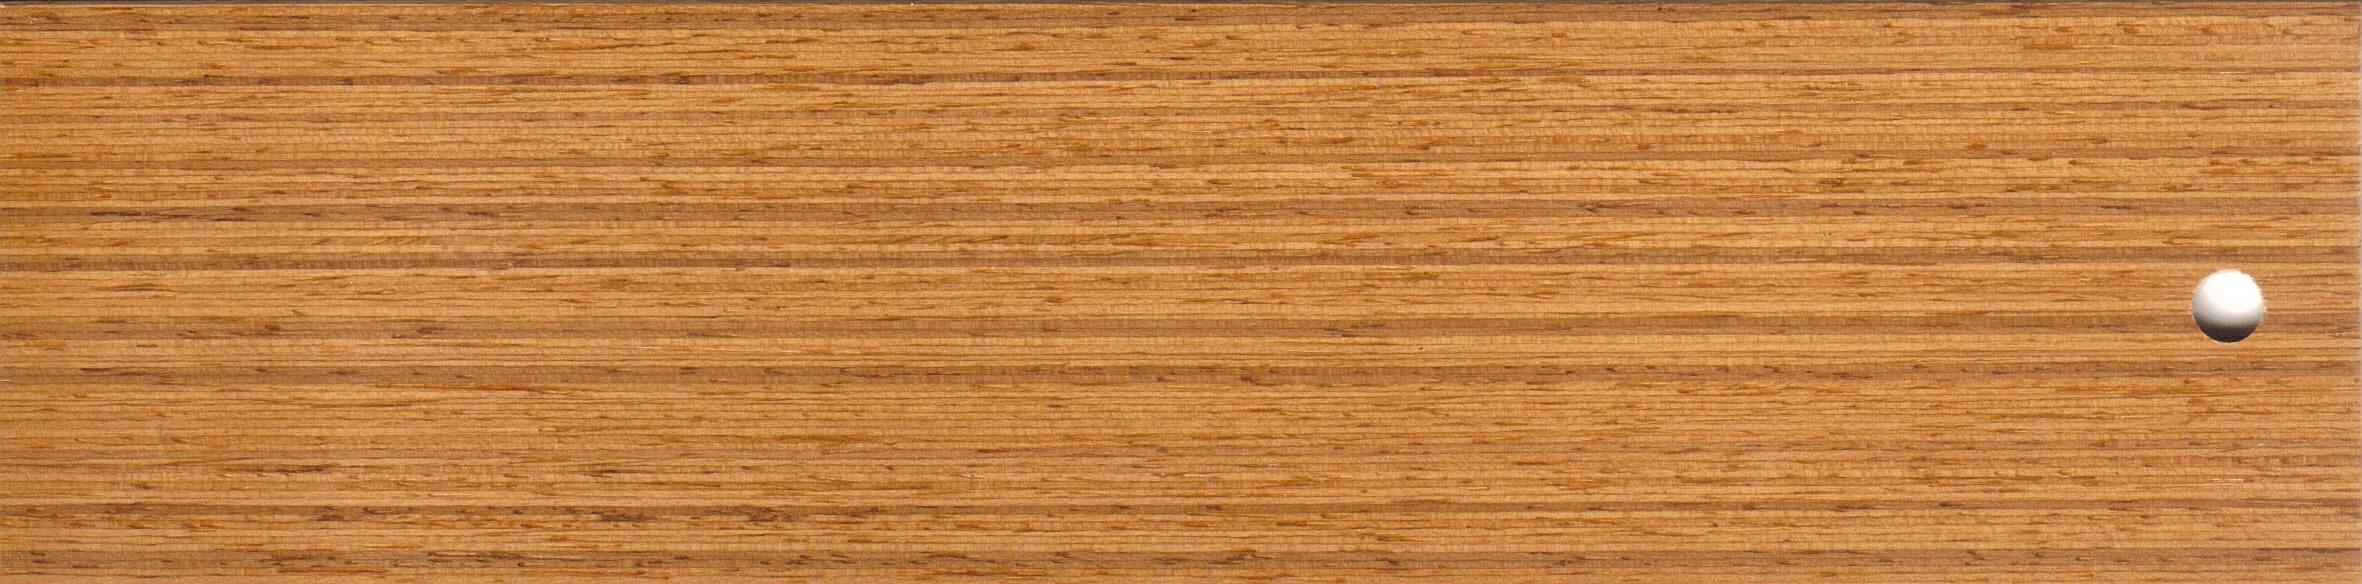 2773 50 mm ŻALUZJE DREWNIANE (żaluzje bambusowe)